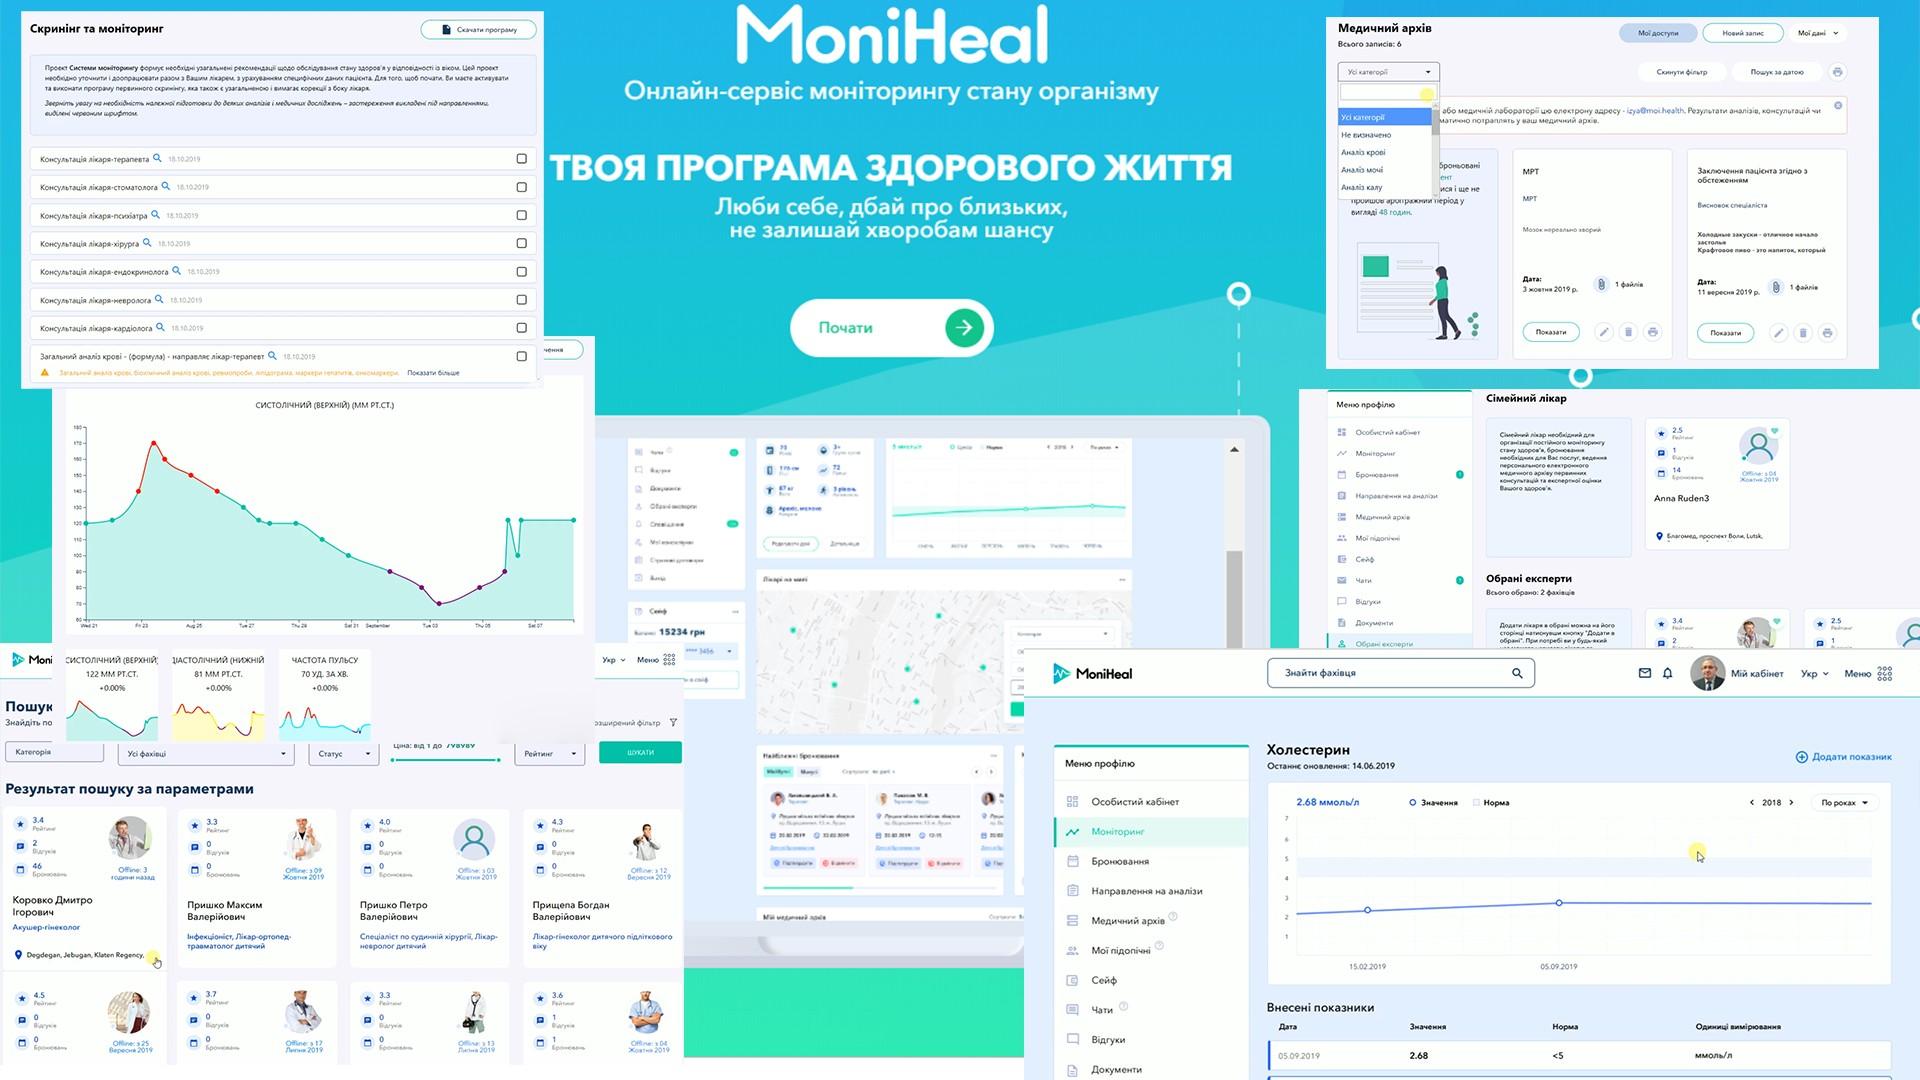 Завчасно попередити хворобу: в Україні розробили електронну систему моніторингу здоров'я людини- MoniHeal